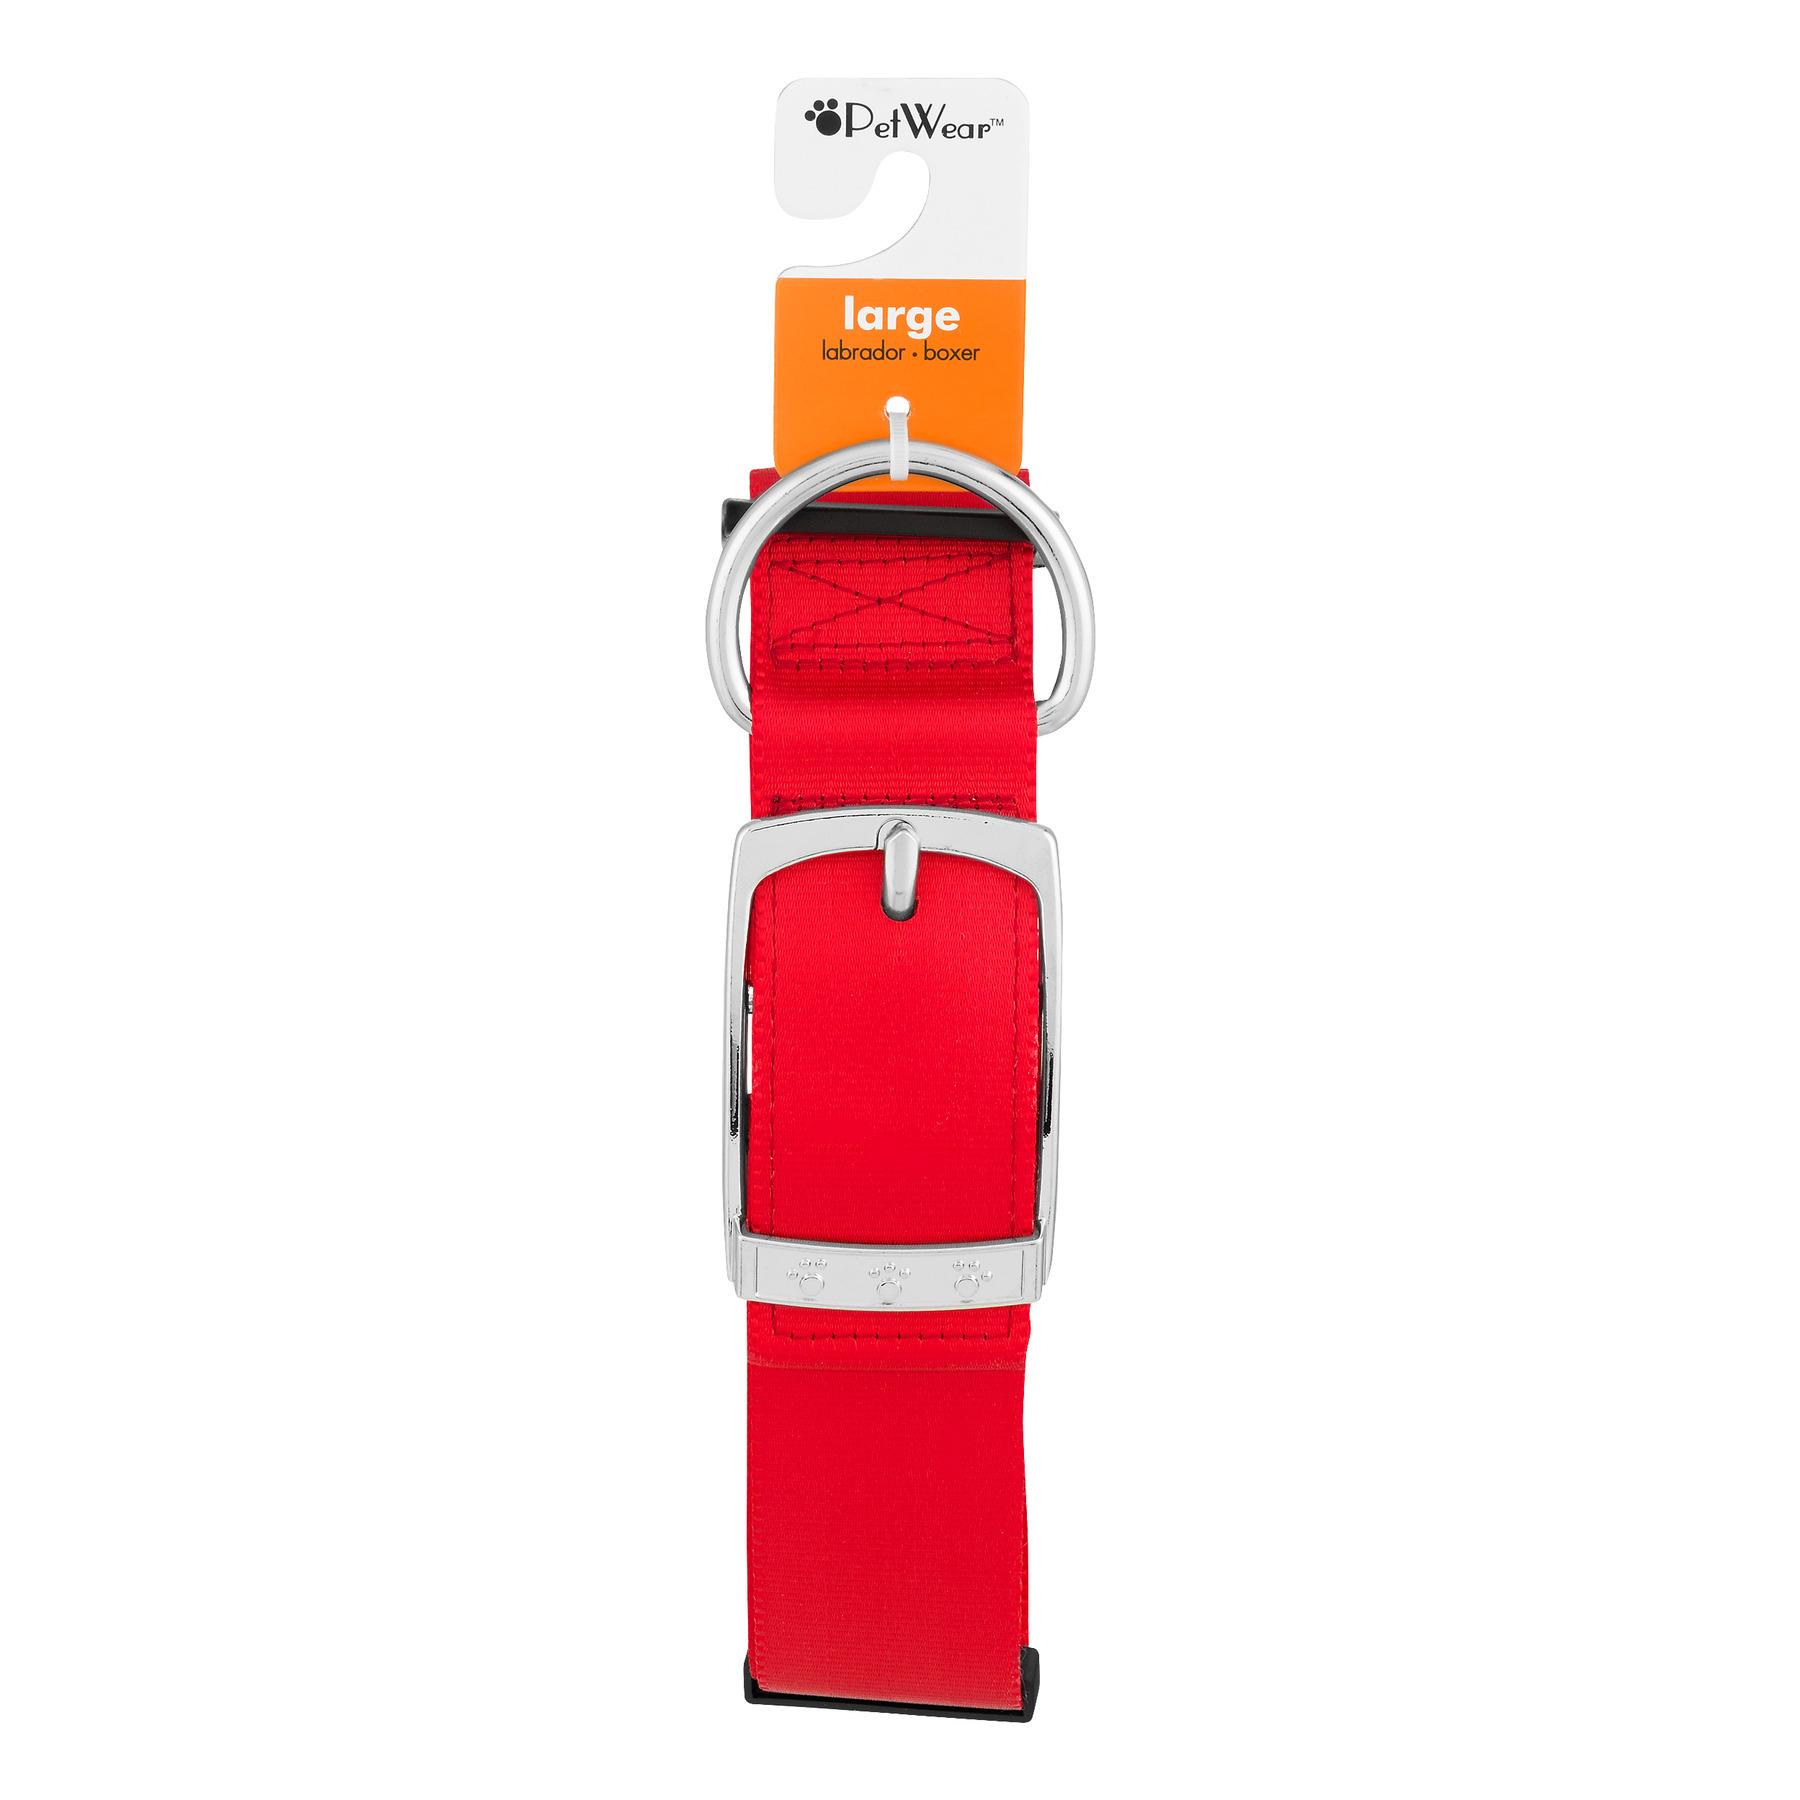 PetWear Collar Large Red, 1.0 CT